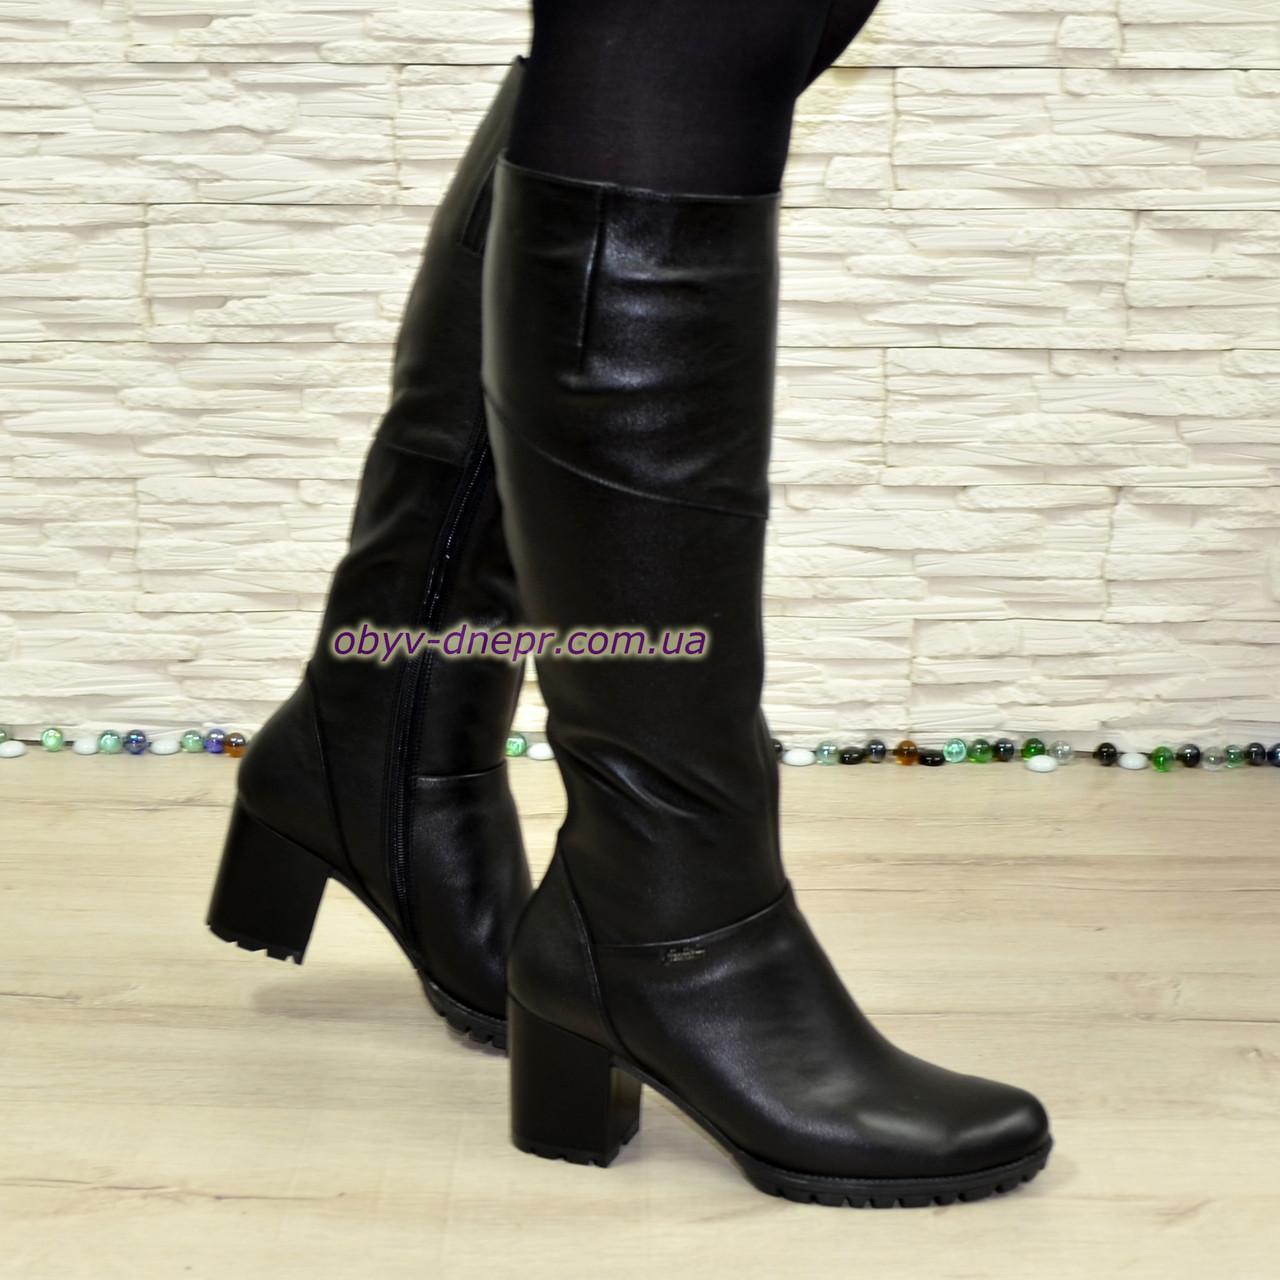 Сапоги женские зимние на устойчивом каблуке, натуральная черная кожа.